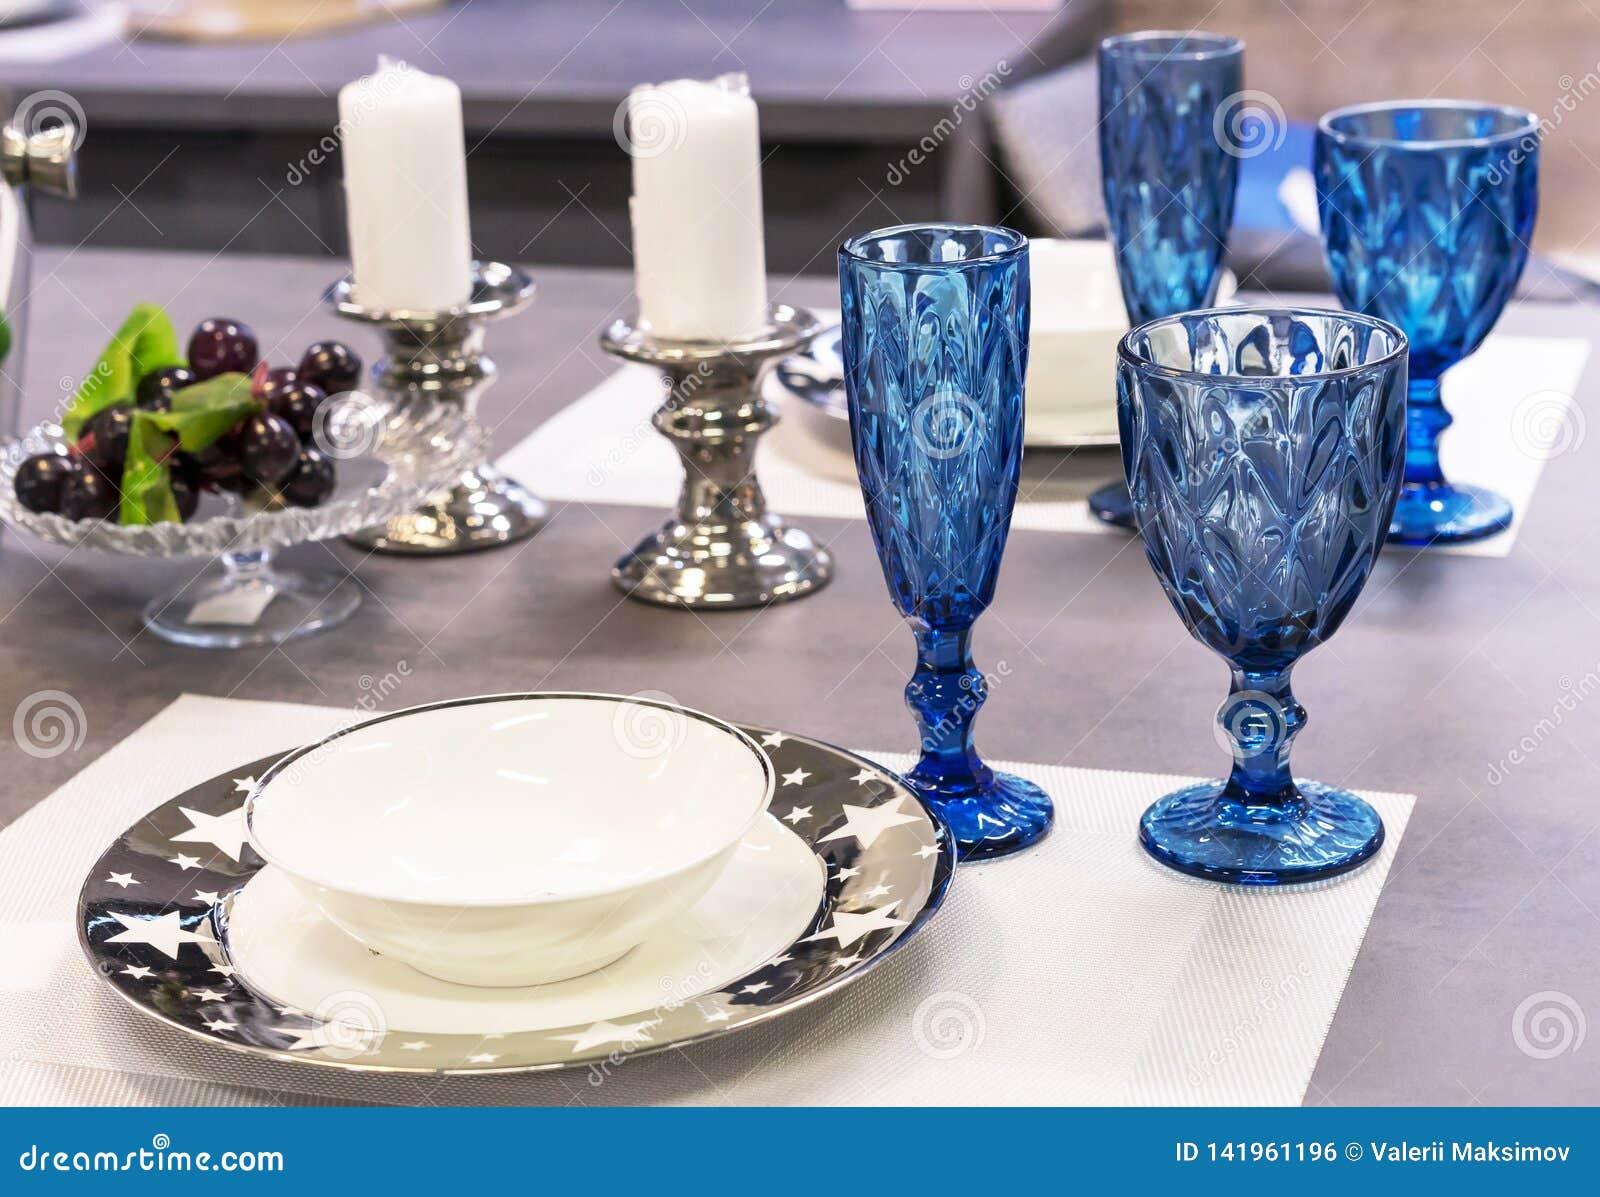 葡萄酒杯在餐厅内部的蓝色玻璃